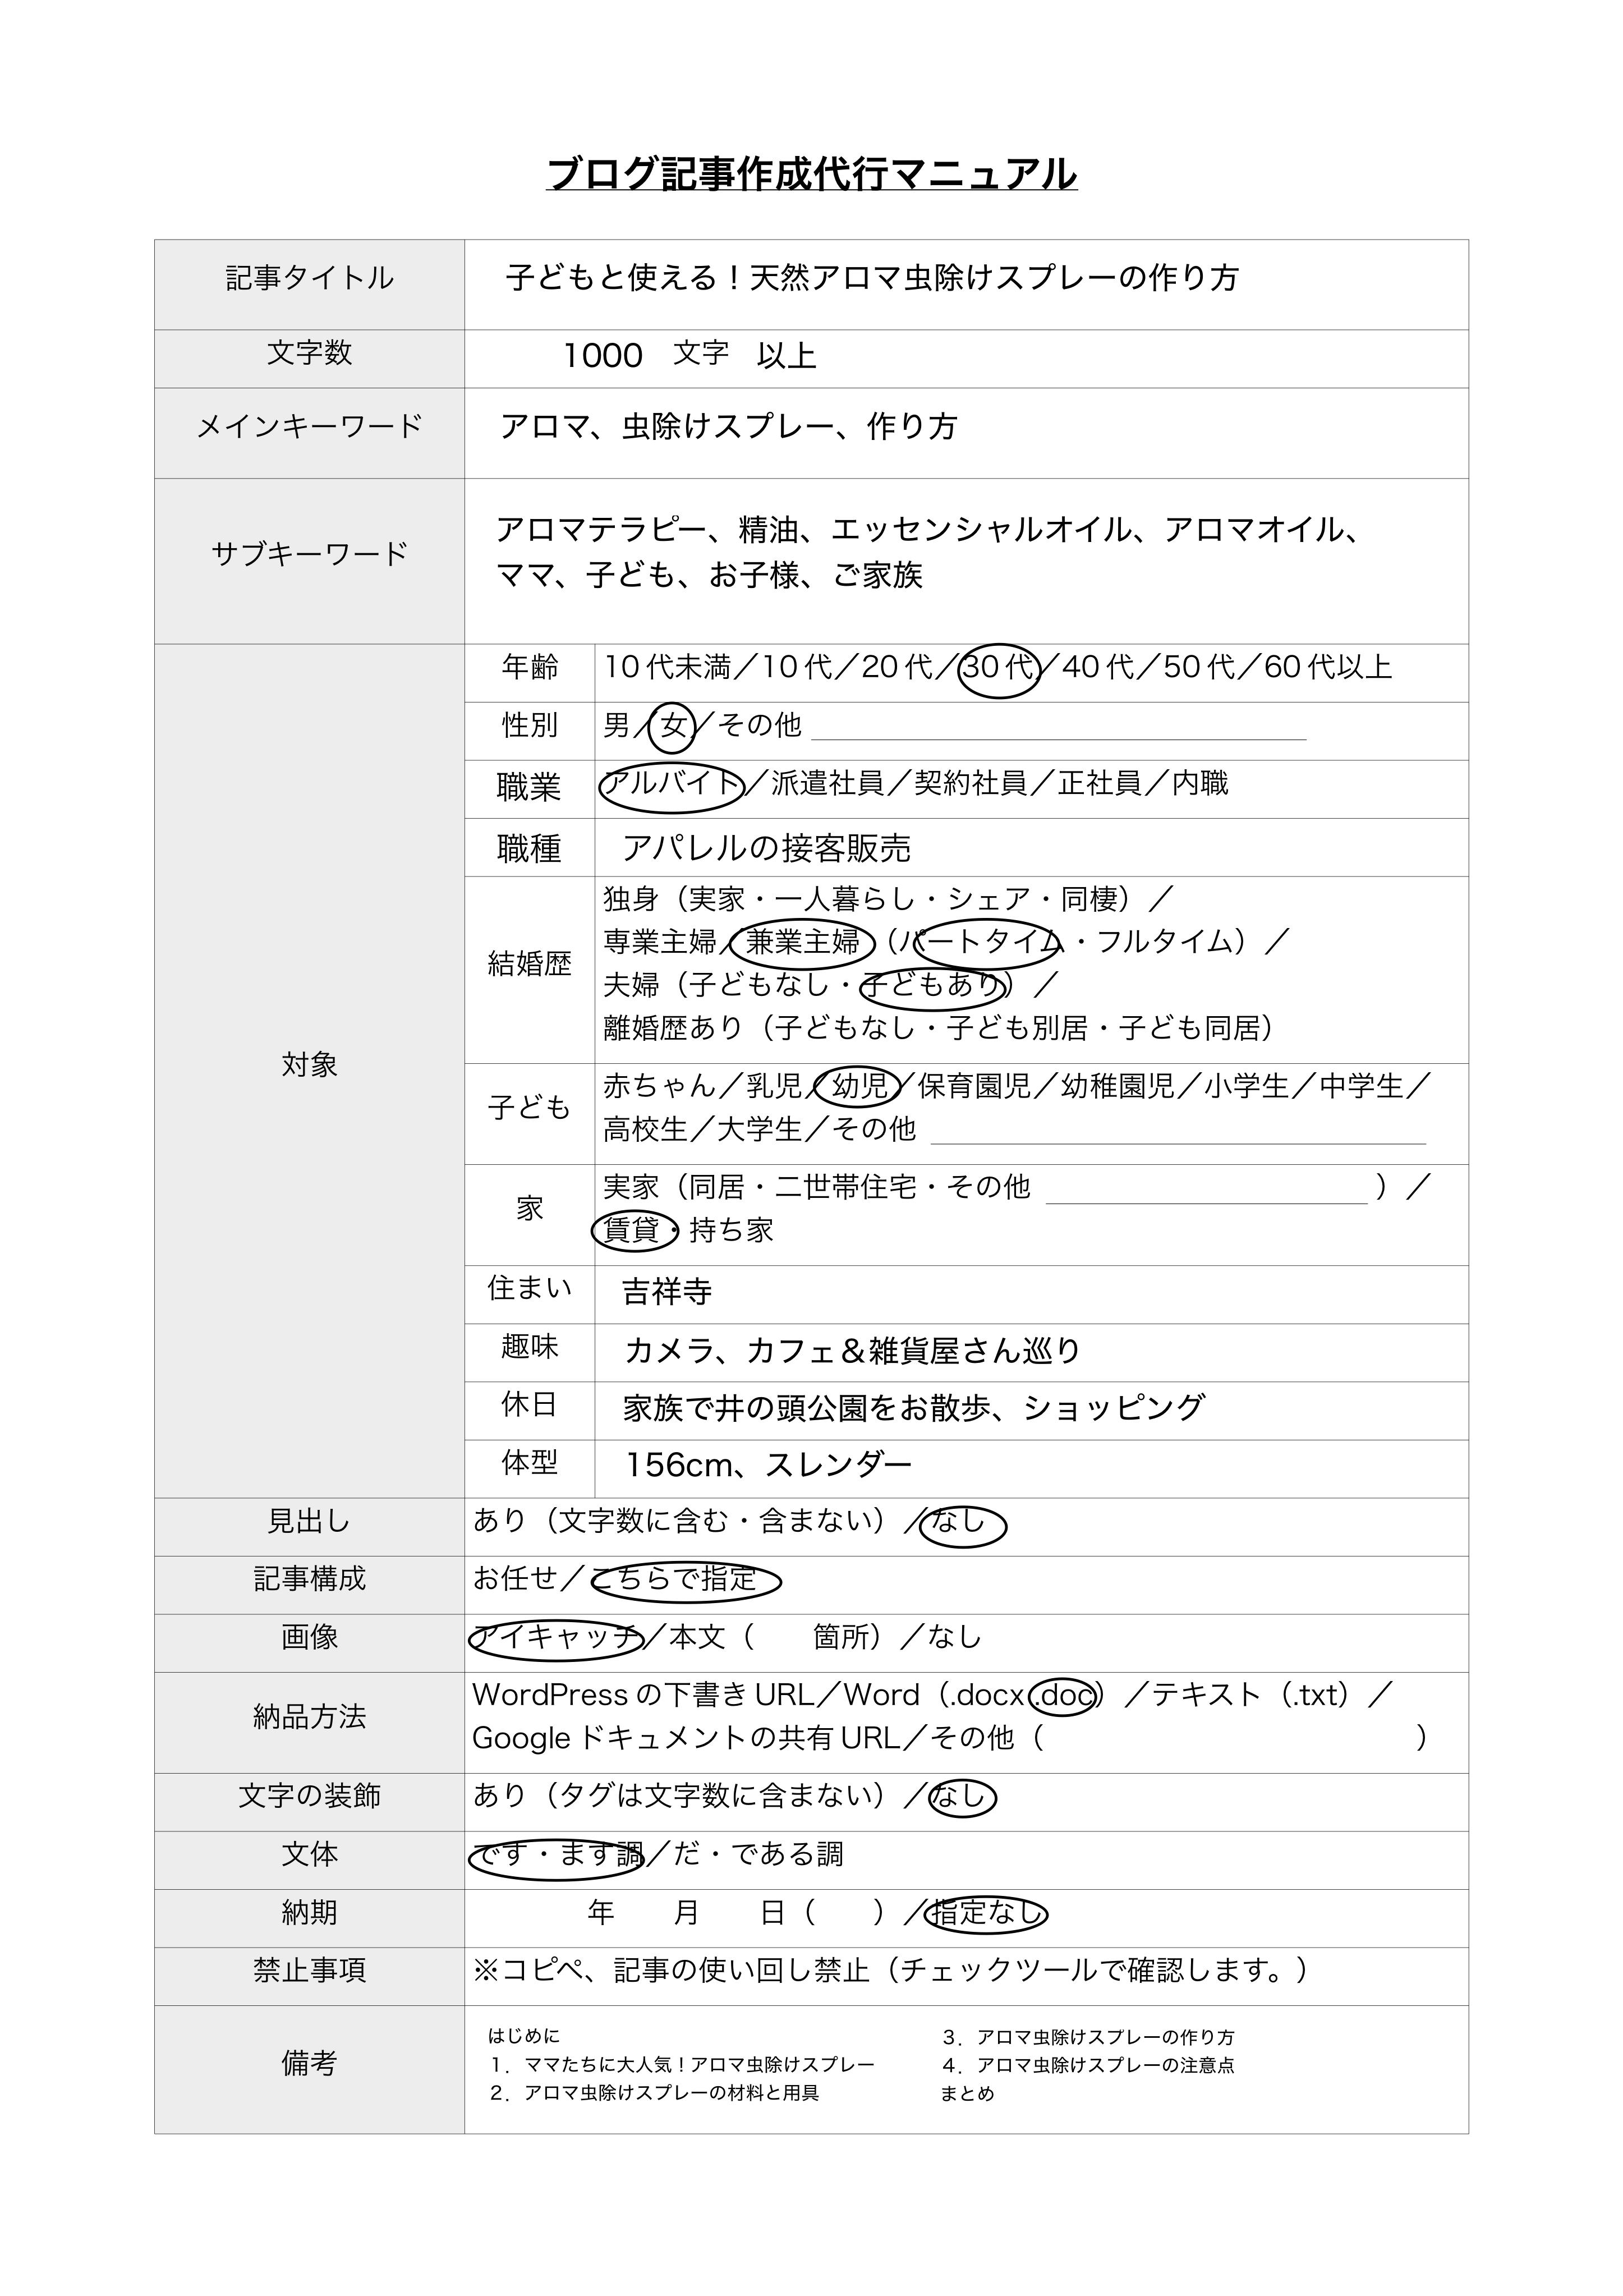 ブログ記事作成代行マニュアル見本